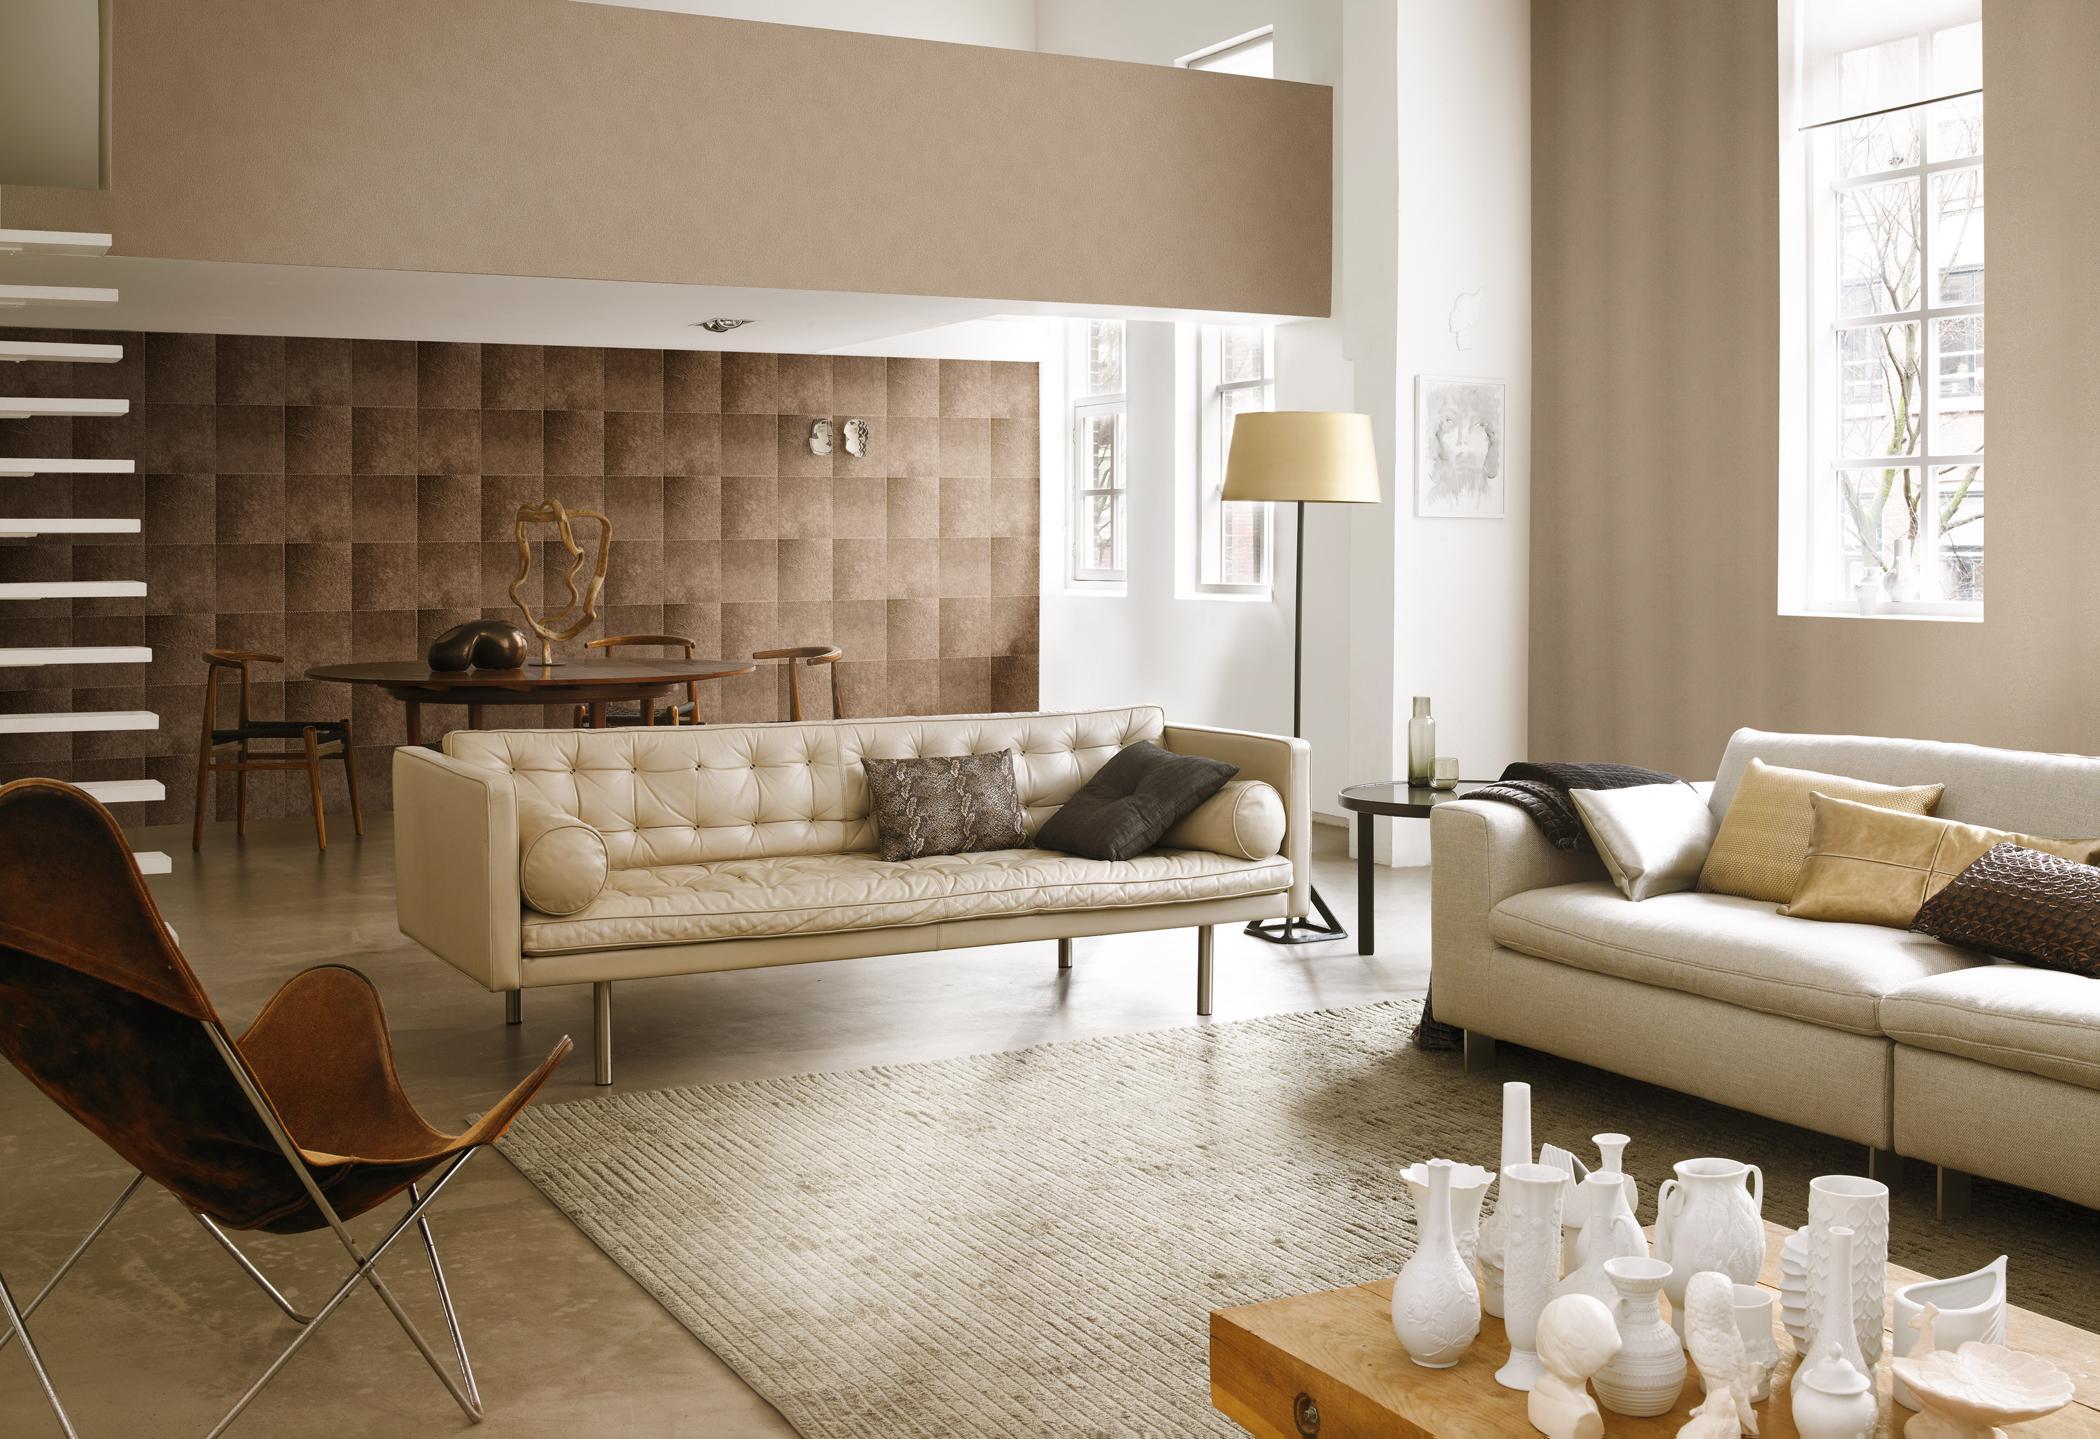 Hervorragend Braun Gemusterte Tapete Im Klassischen Wohnzimmer #ledersofa  #wandgestaltung #stehlampe #vliestapete ©Rasch